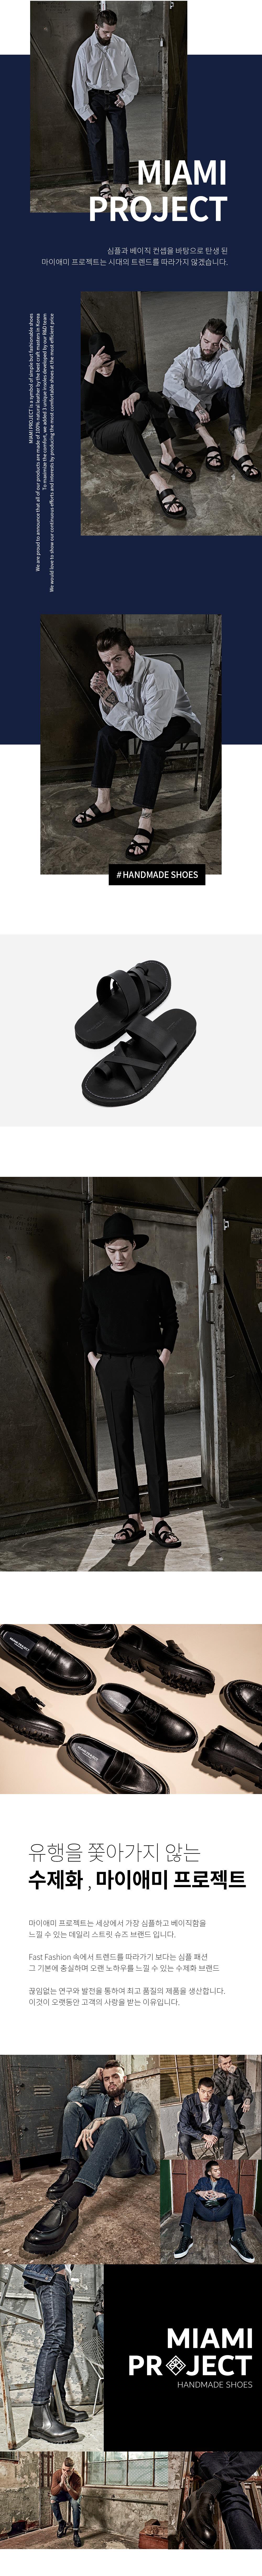 [마이애미 프로젝트] 2891 데브레첸 레더 스트랩 샌들 밴타블랙